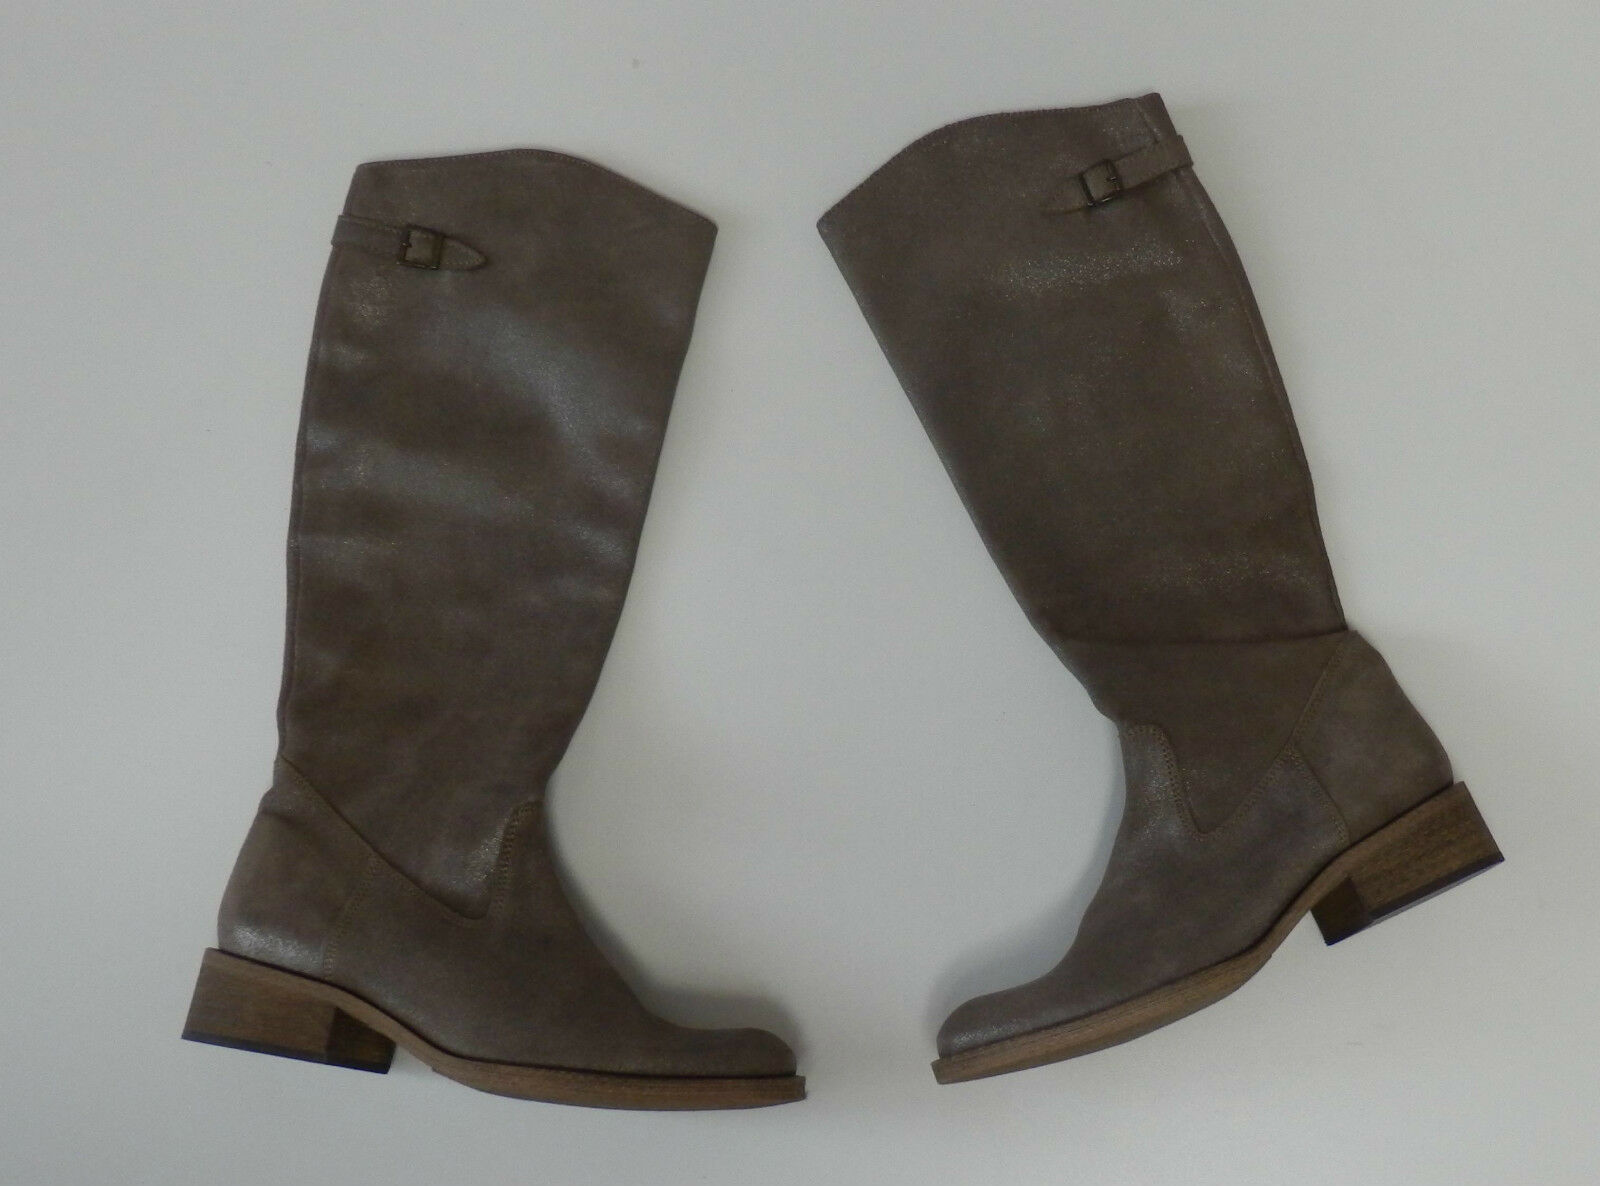 Alba moda botas de de botas cuero Taupe nuevo fcacc5